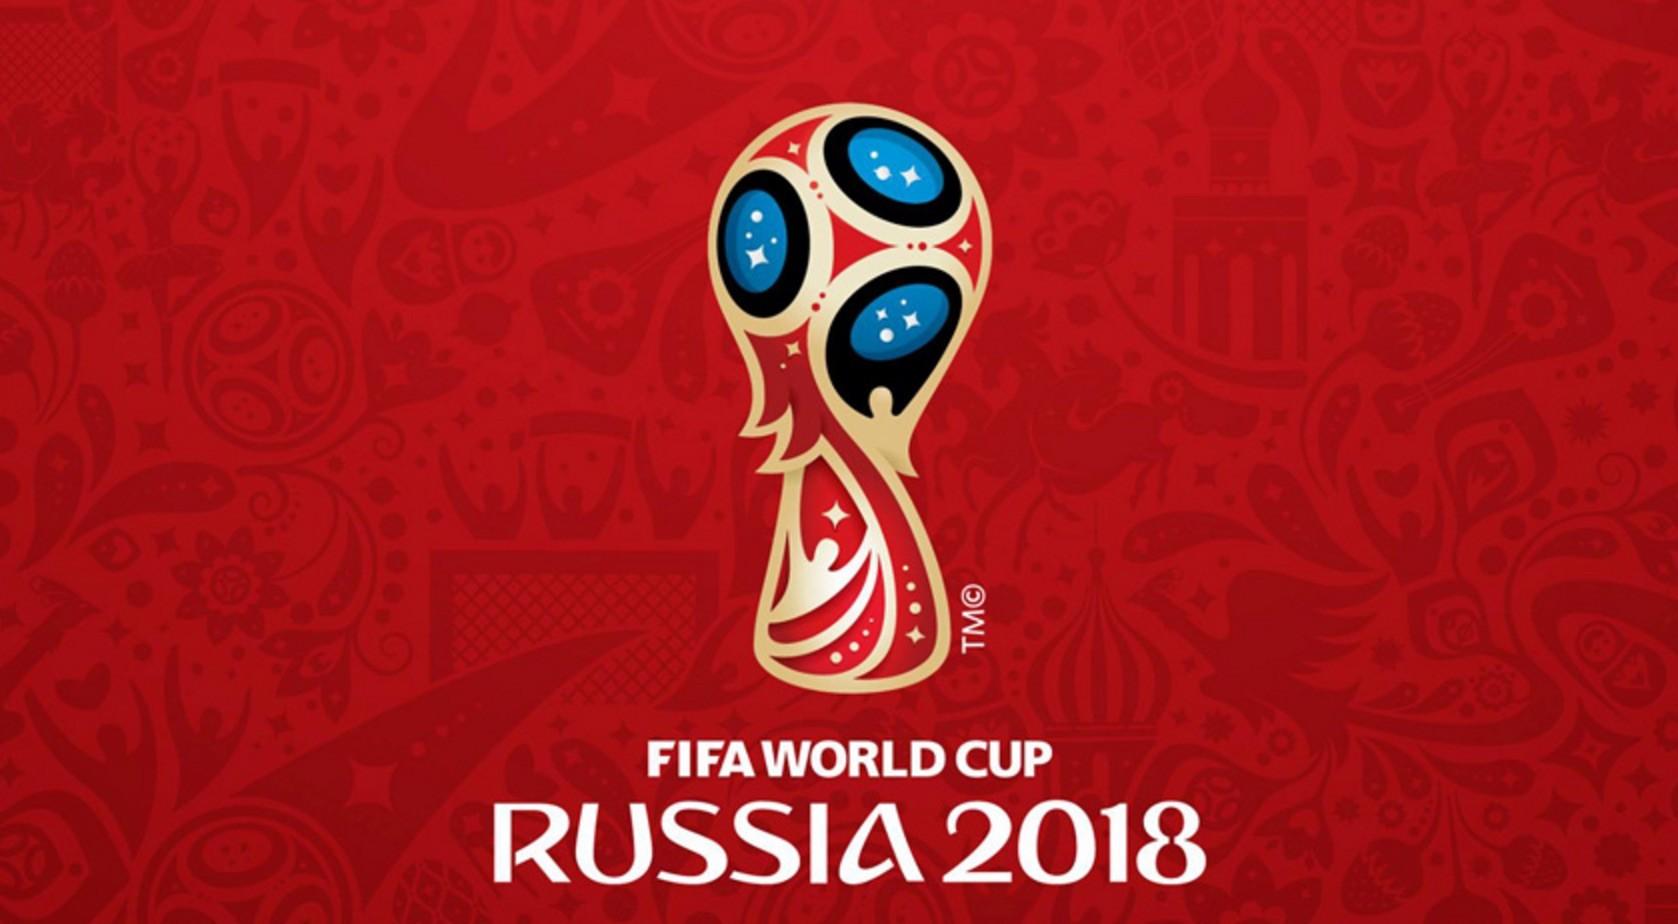 La Coupe du monde de football Mondial 2018